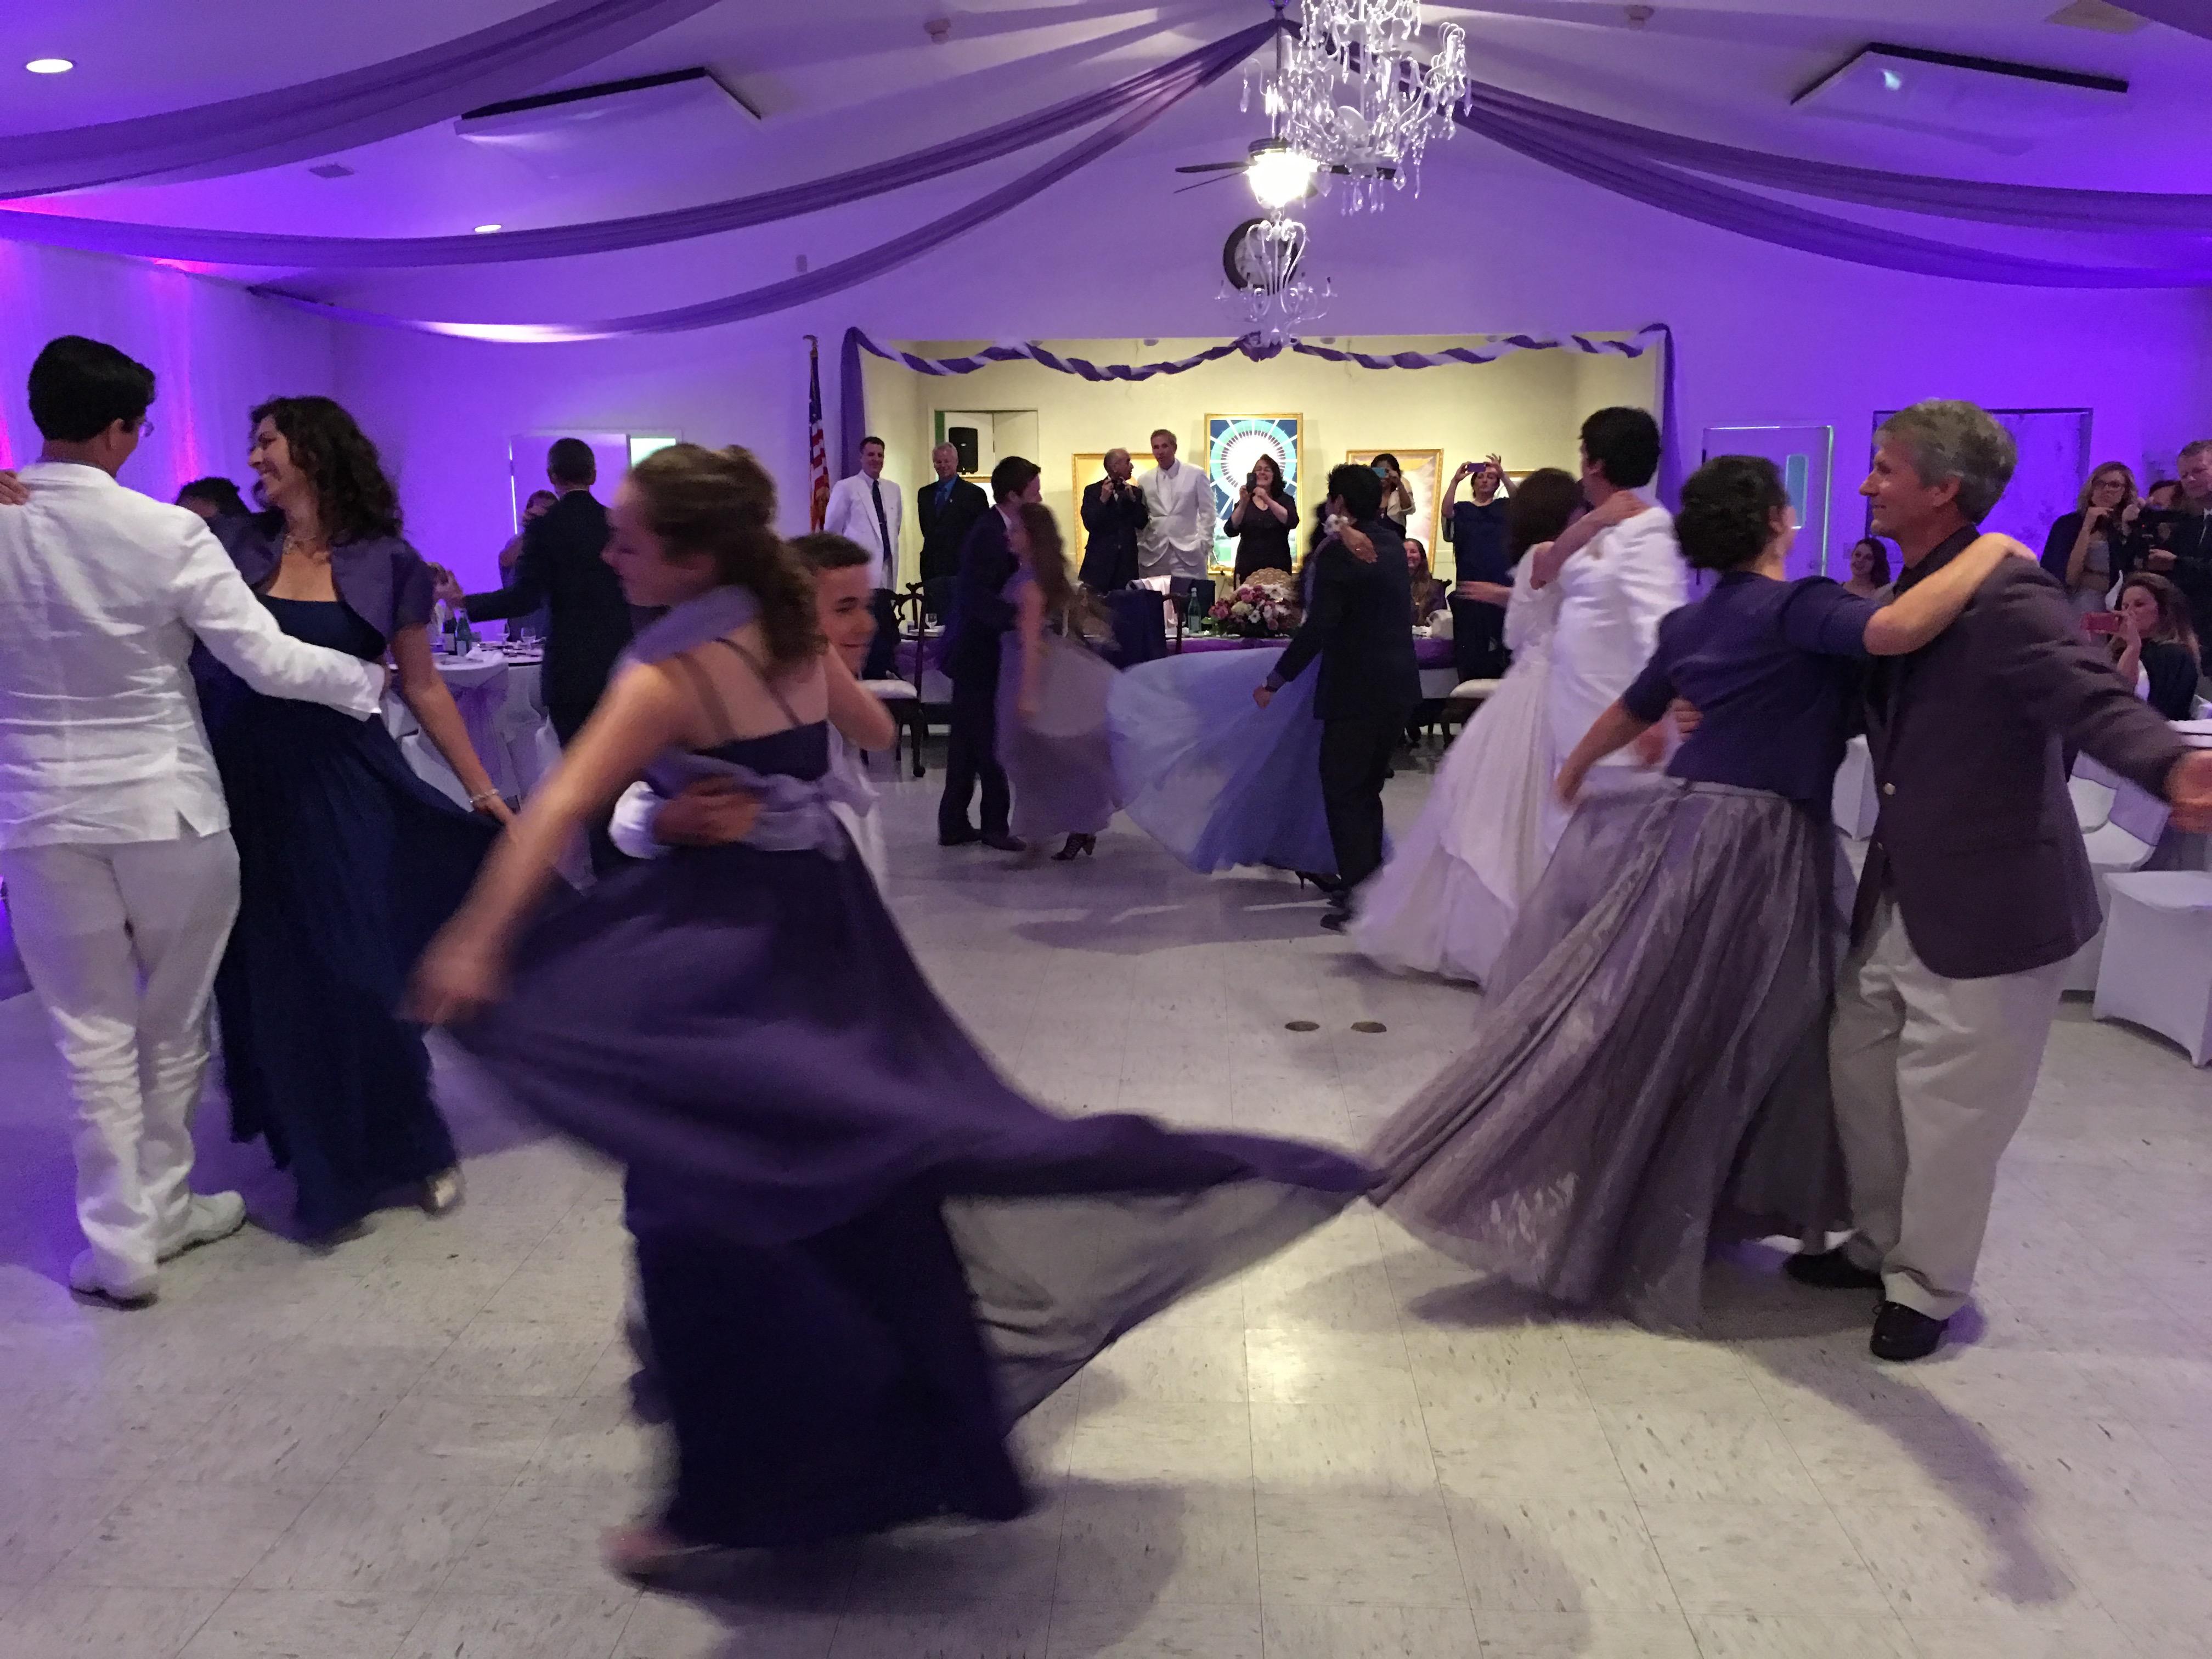 Violet ballroom 2